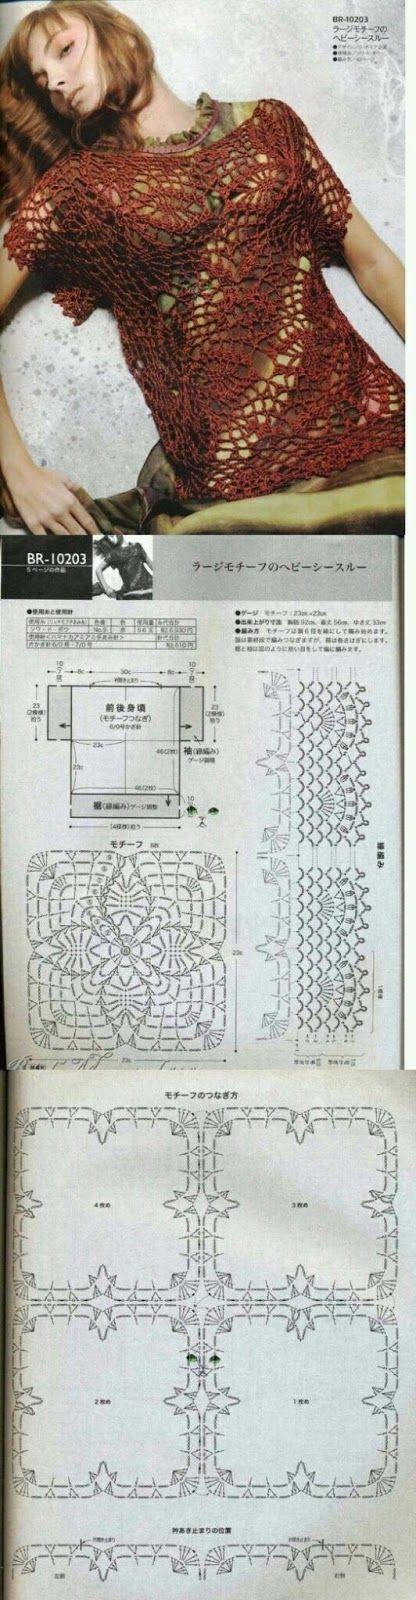 Patrones Crochet, Manualidades y Reciclado: BLUSAS PARA TEJER A ...